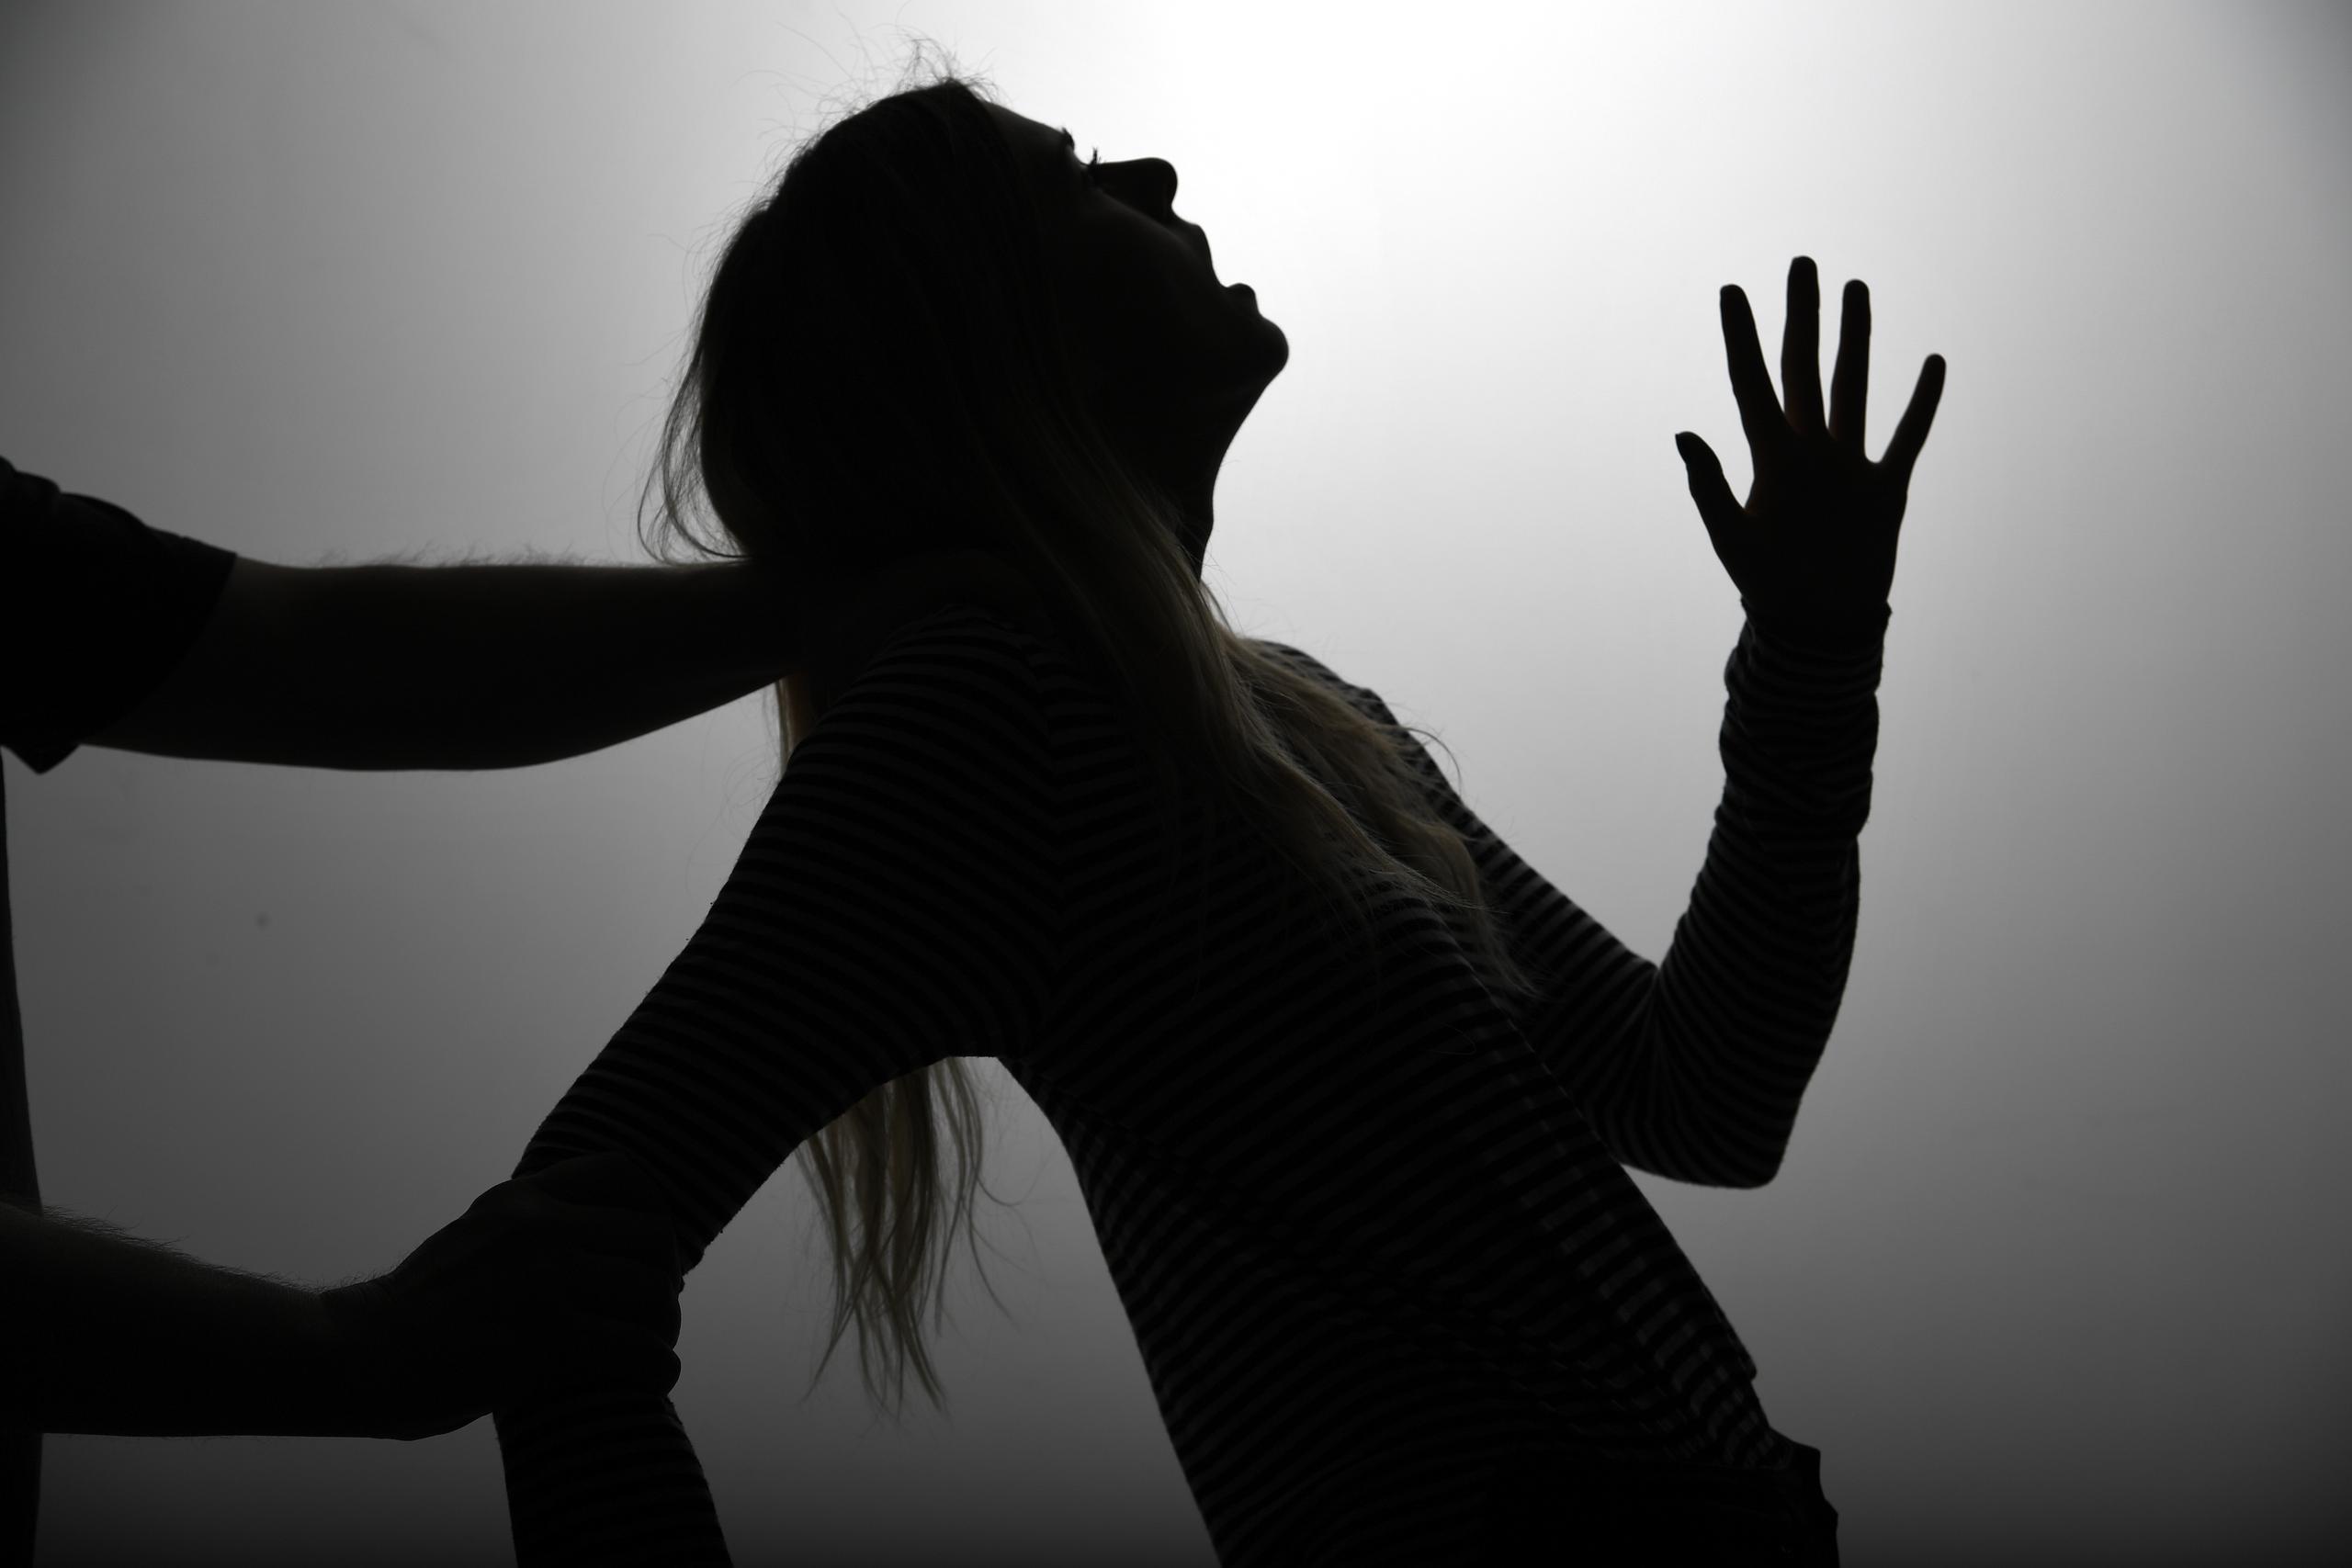 Mäns våld mot kvinnor är ett akut samhällsproblem